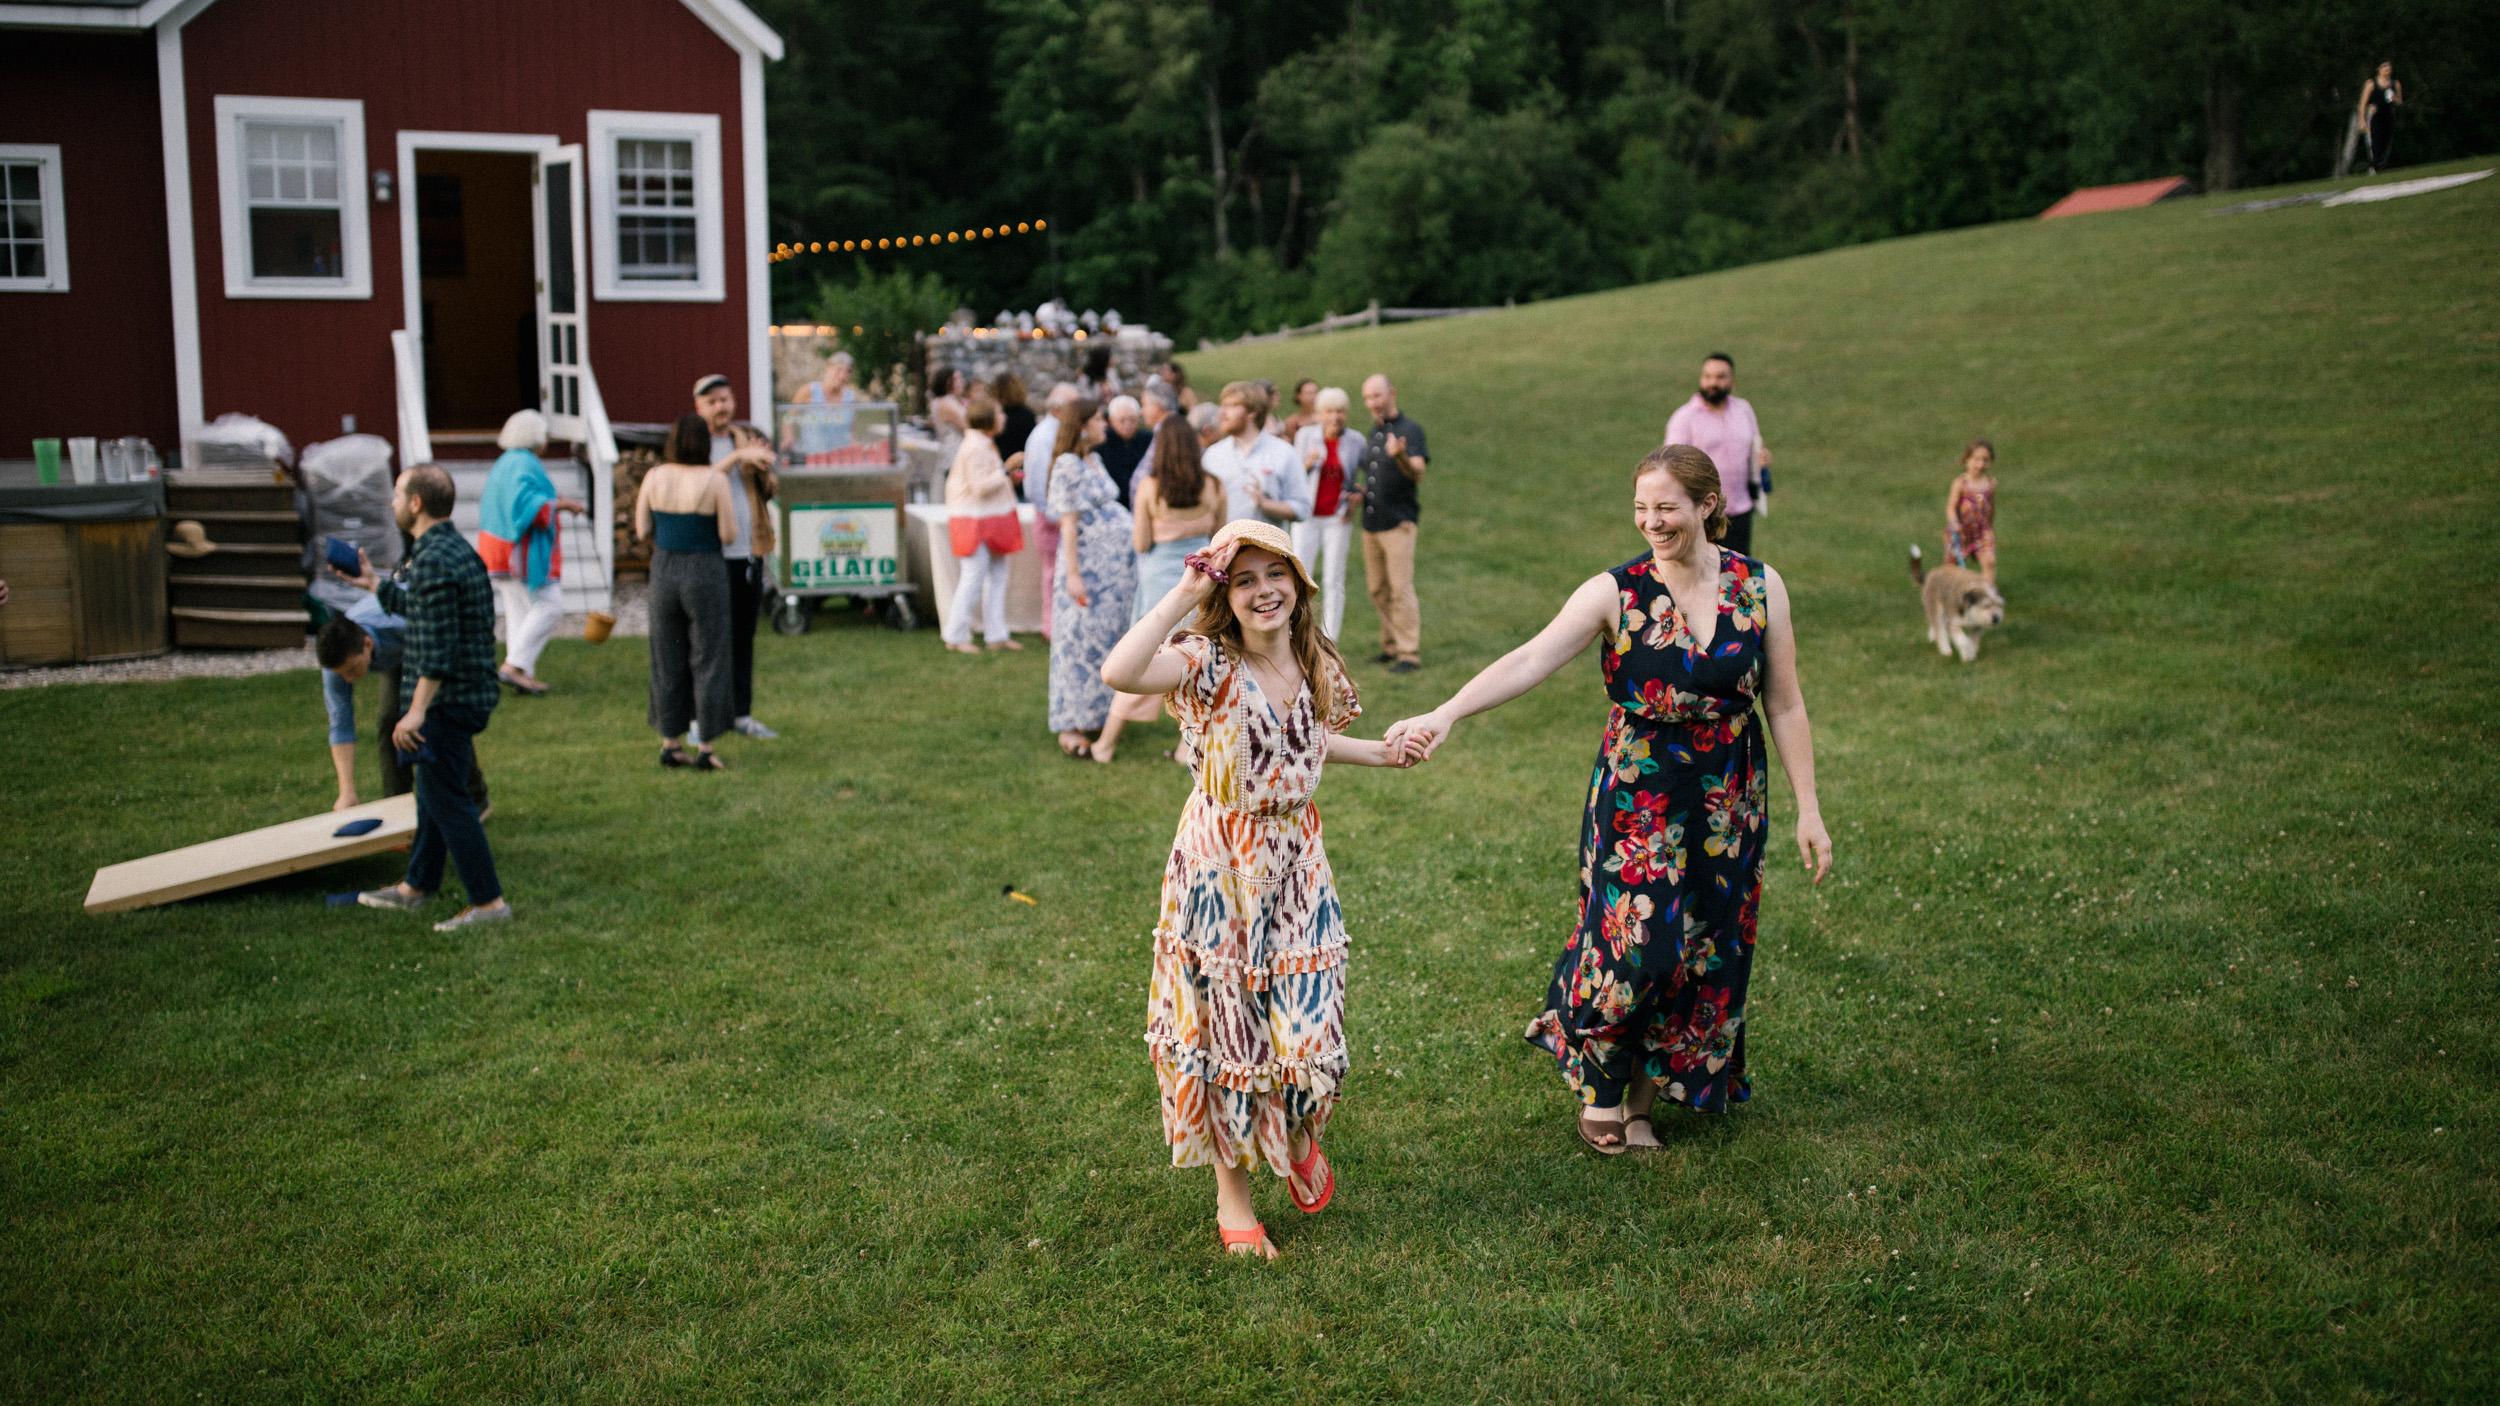 alec_vanderboom_vermont_wedding_photography-0036.jpg